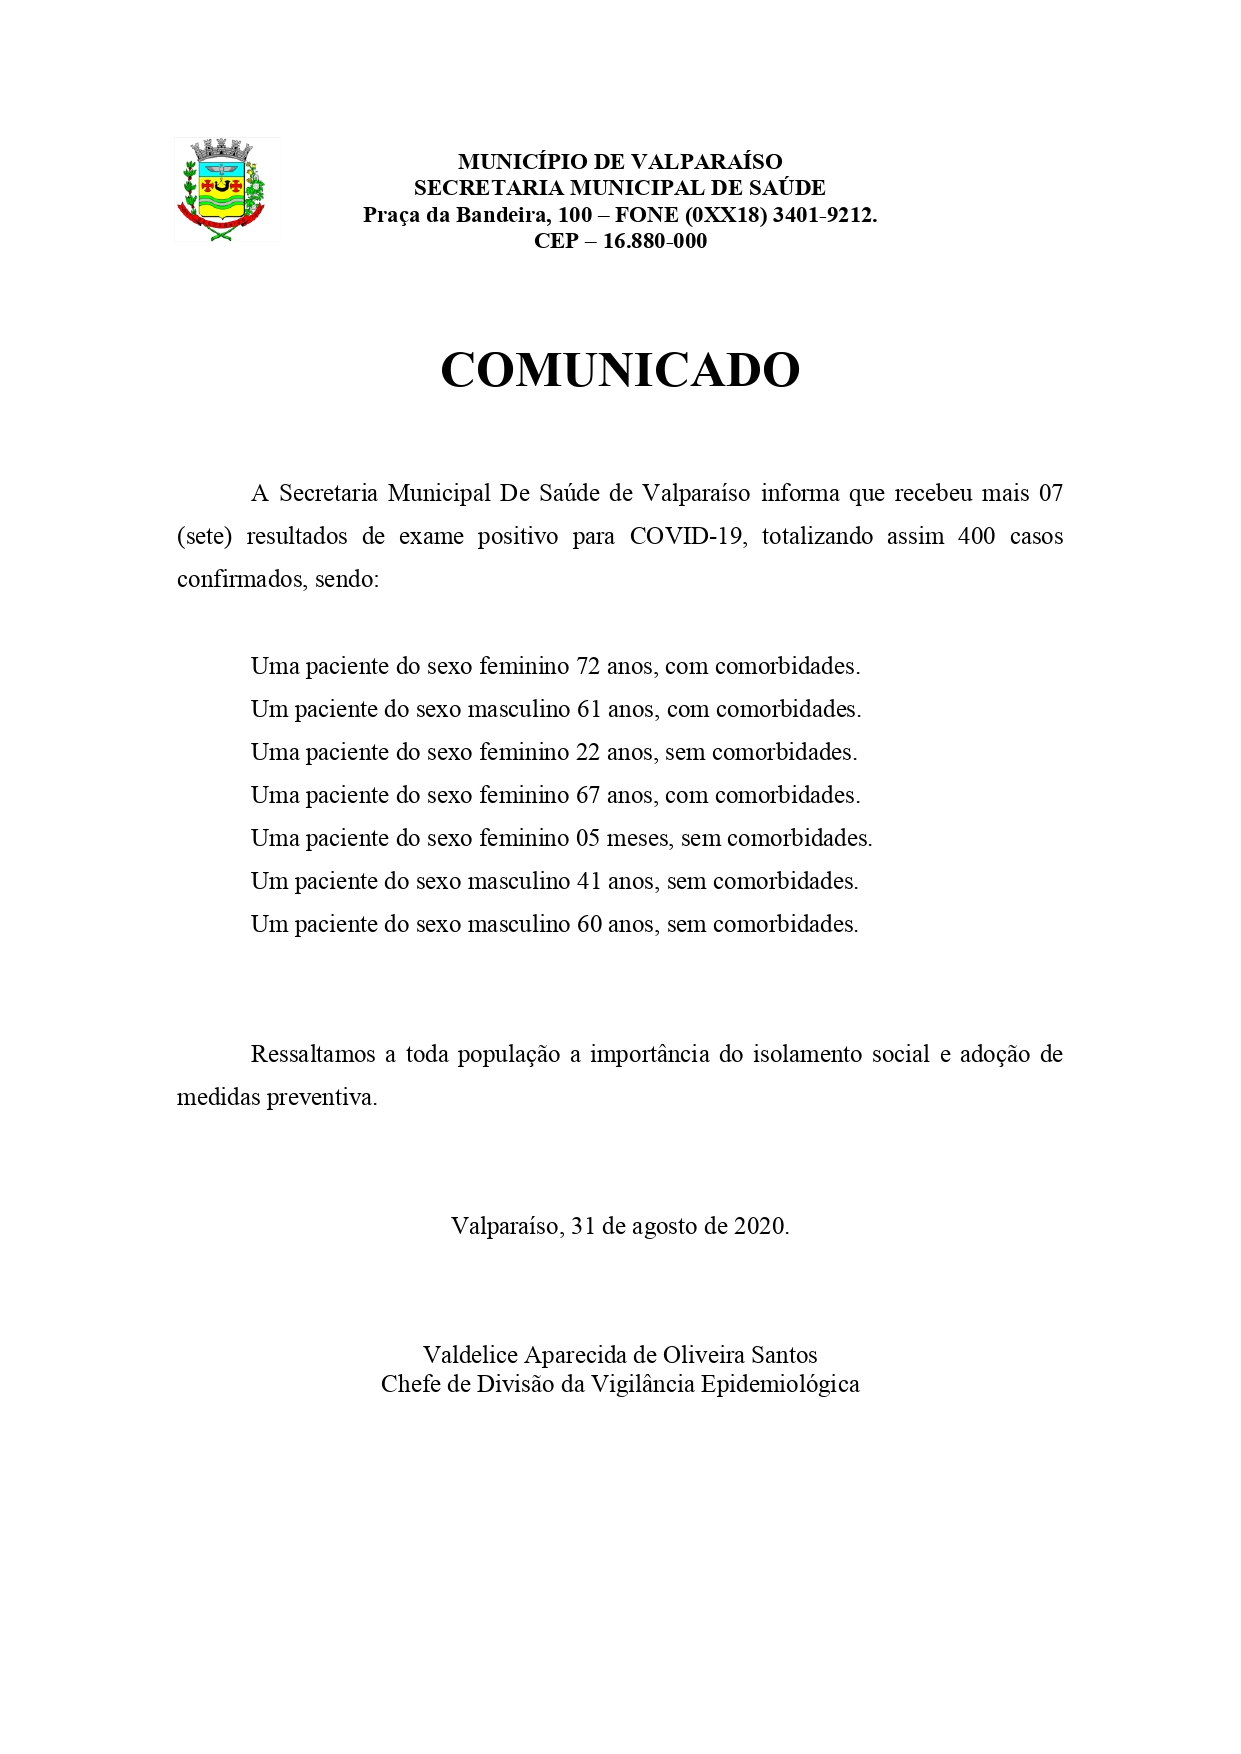 covid400